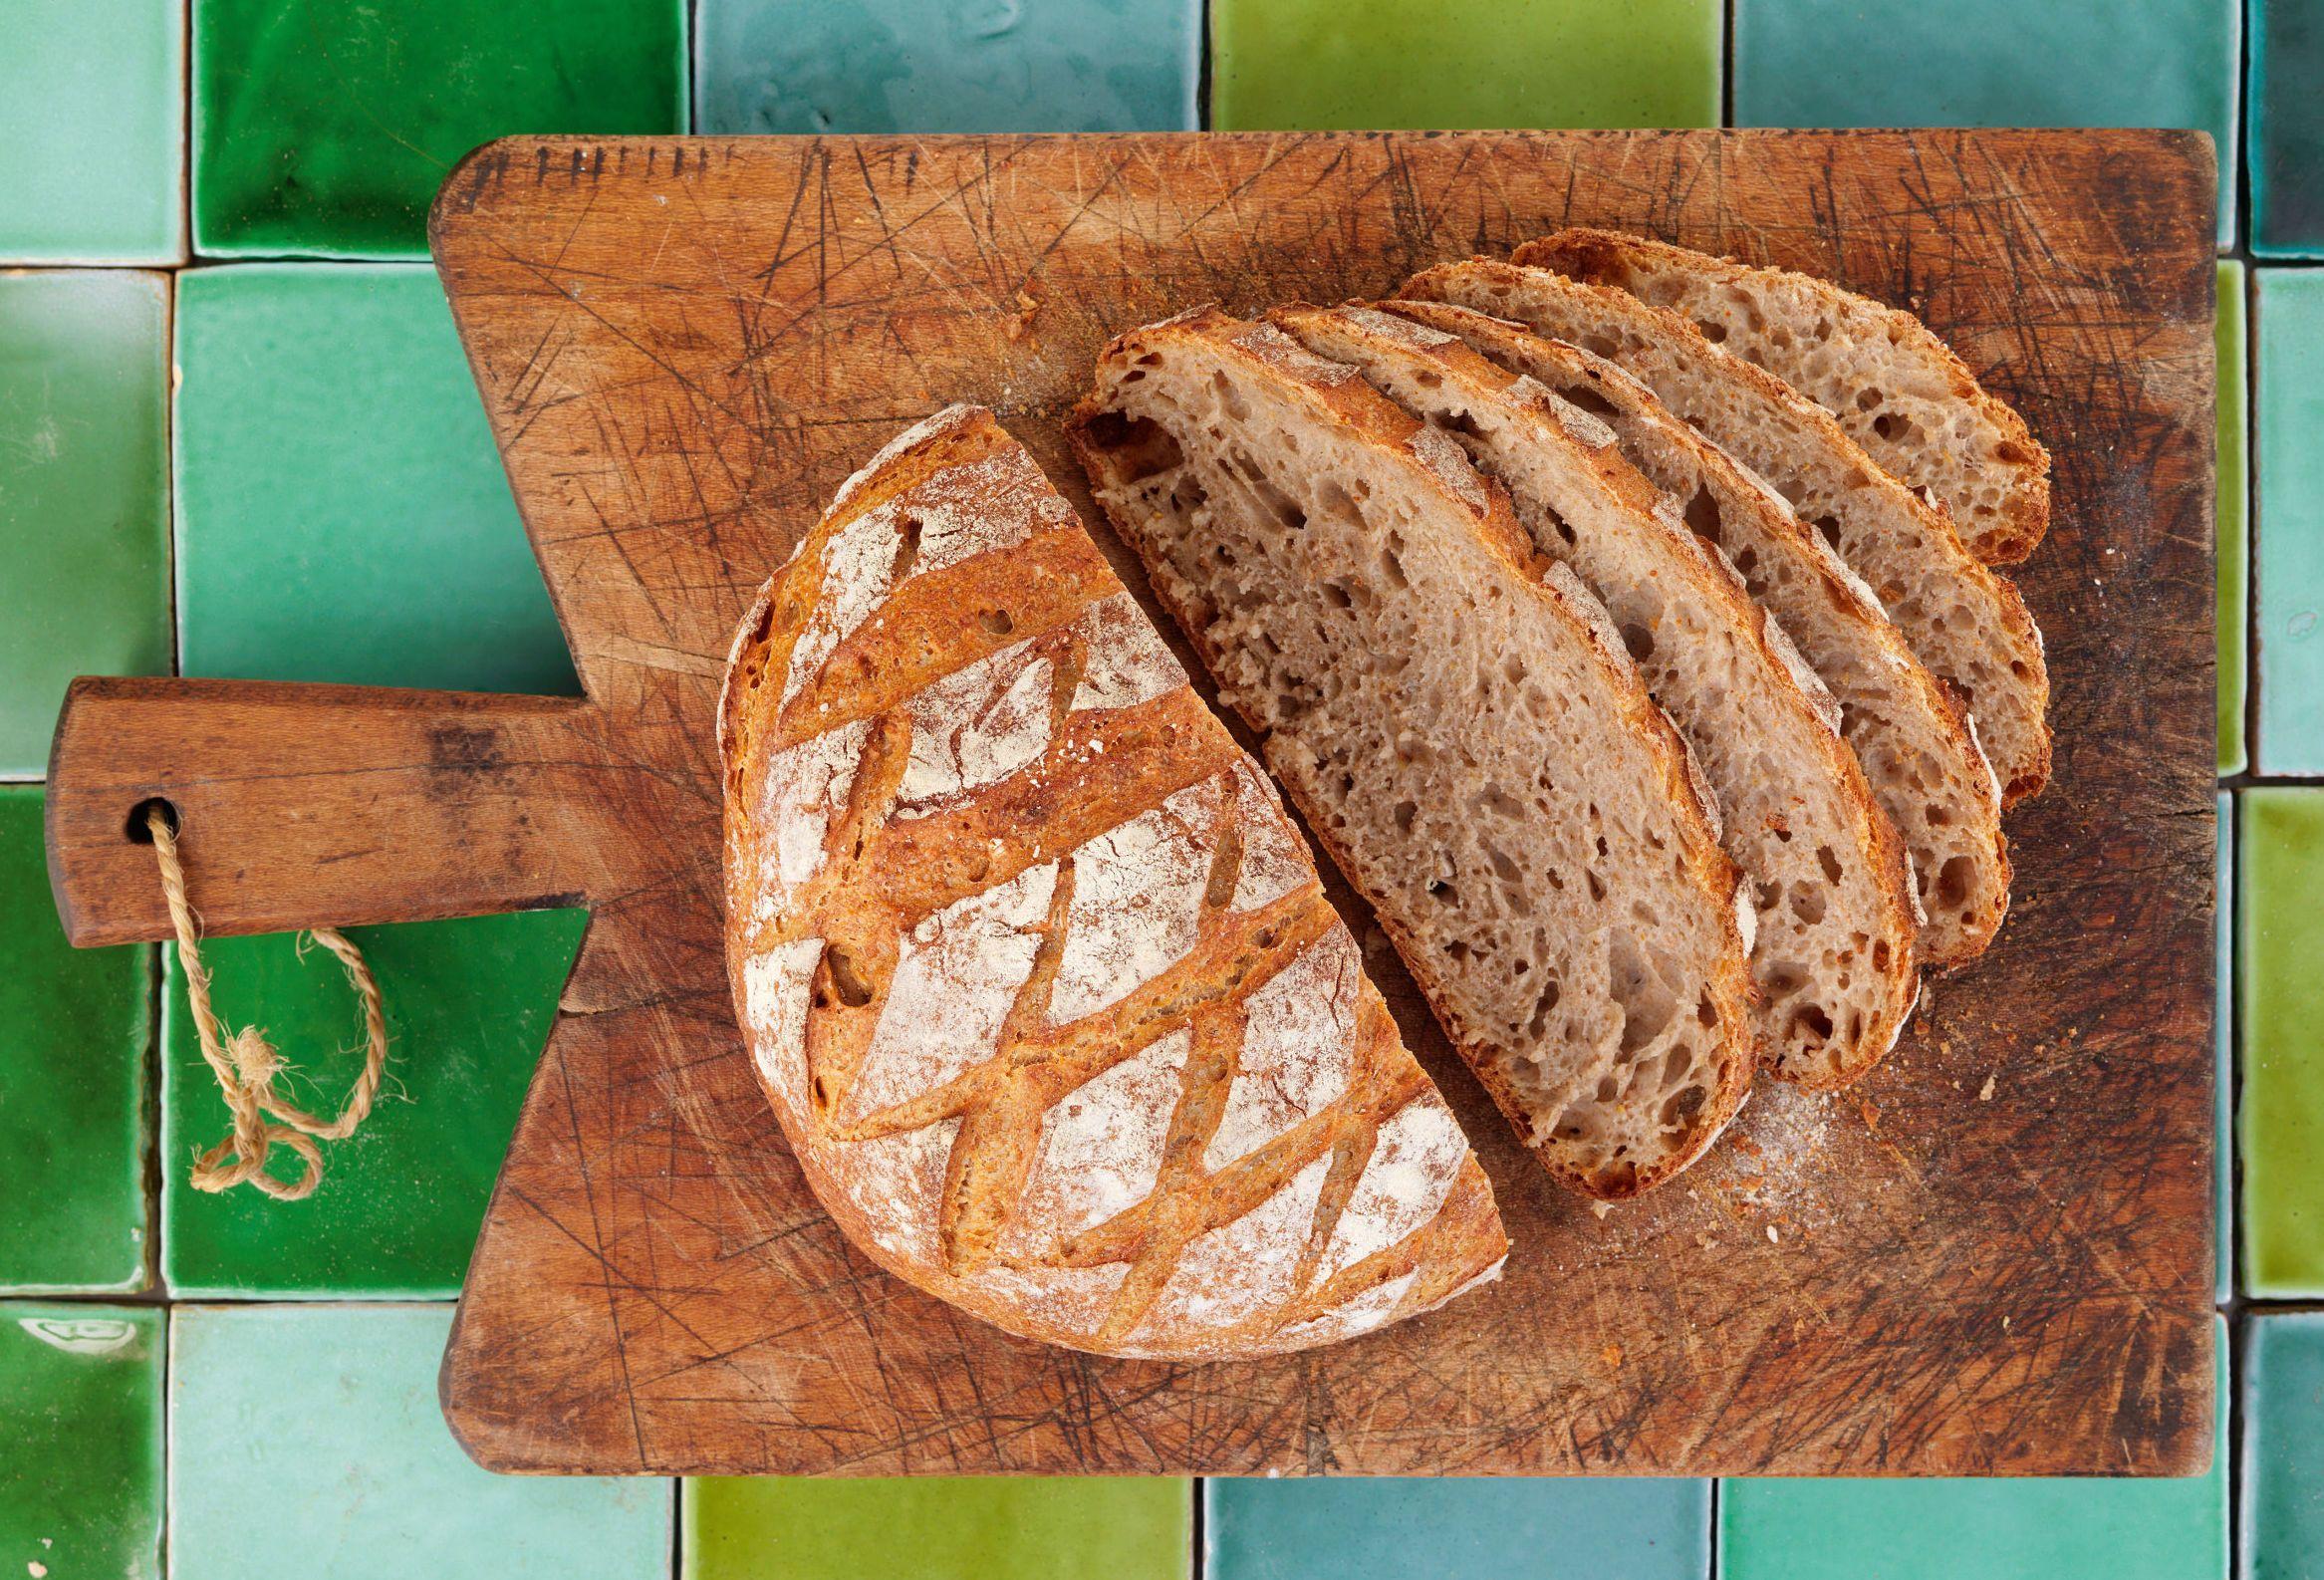 Grovt surdeigsbrød av grov hvete og rug har surdeig som hever brødet naturlig over lang tid. Det gir smakfullt og sunne brød, og du slipper å tilsette gjær.